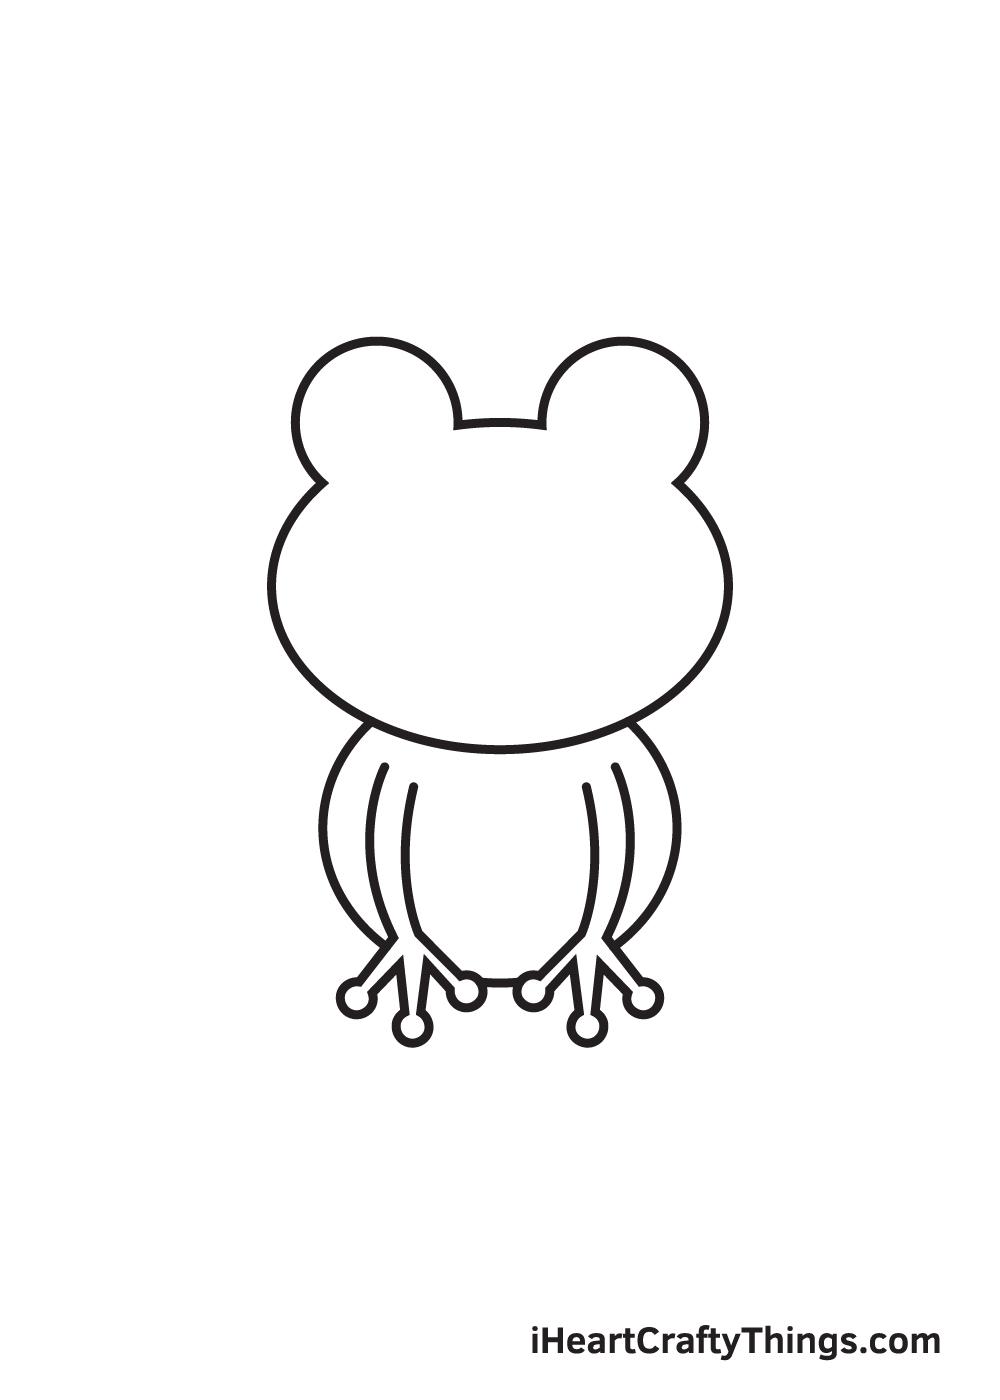 Vẽ ếch - Bước 4